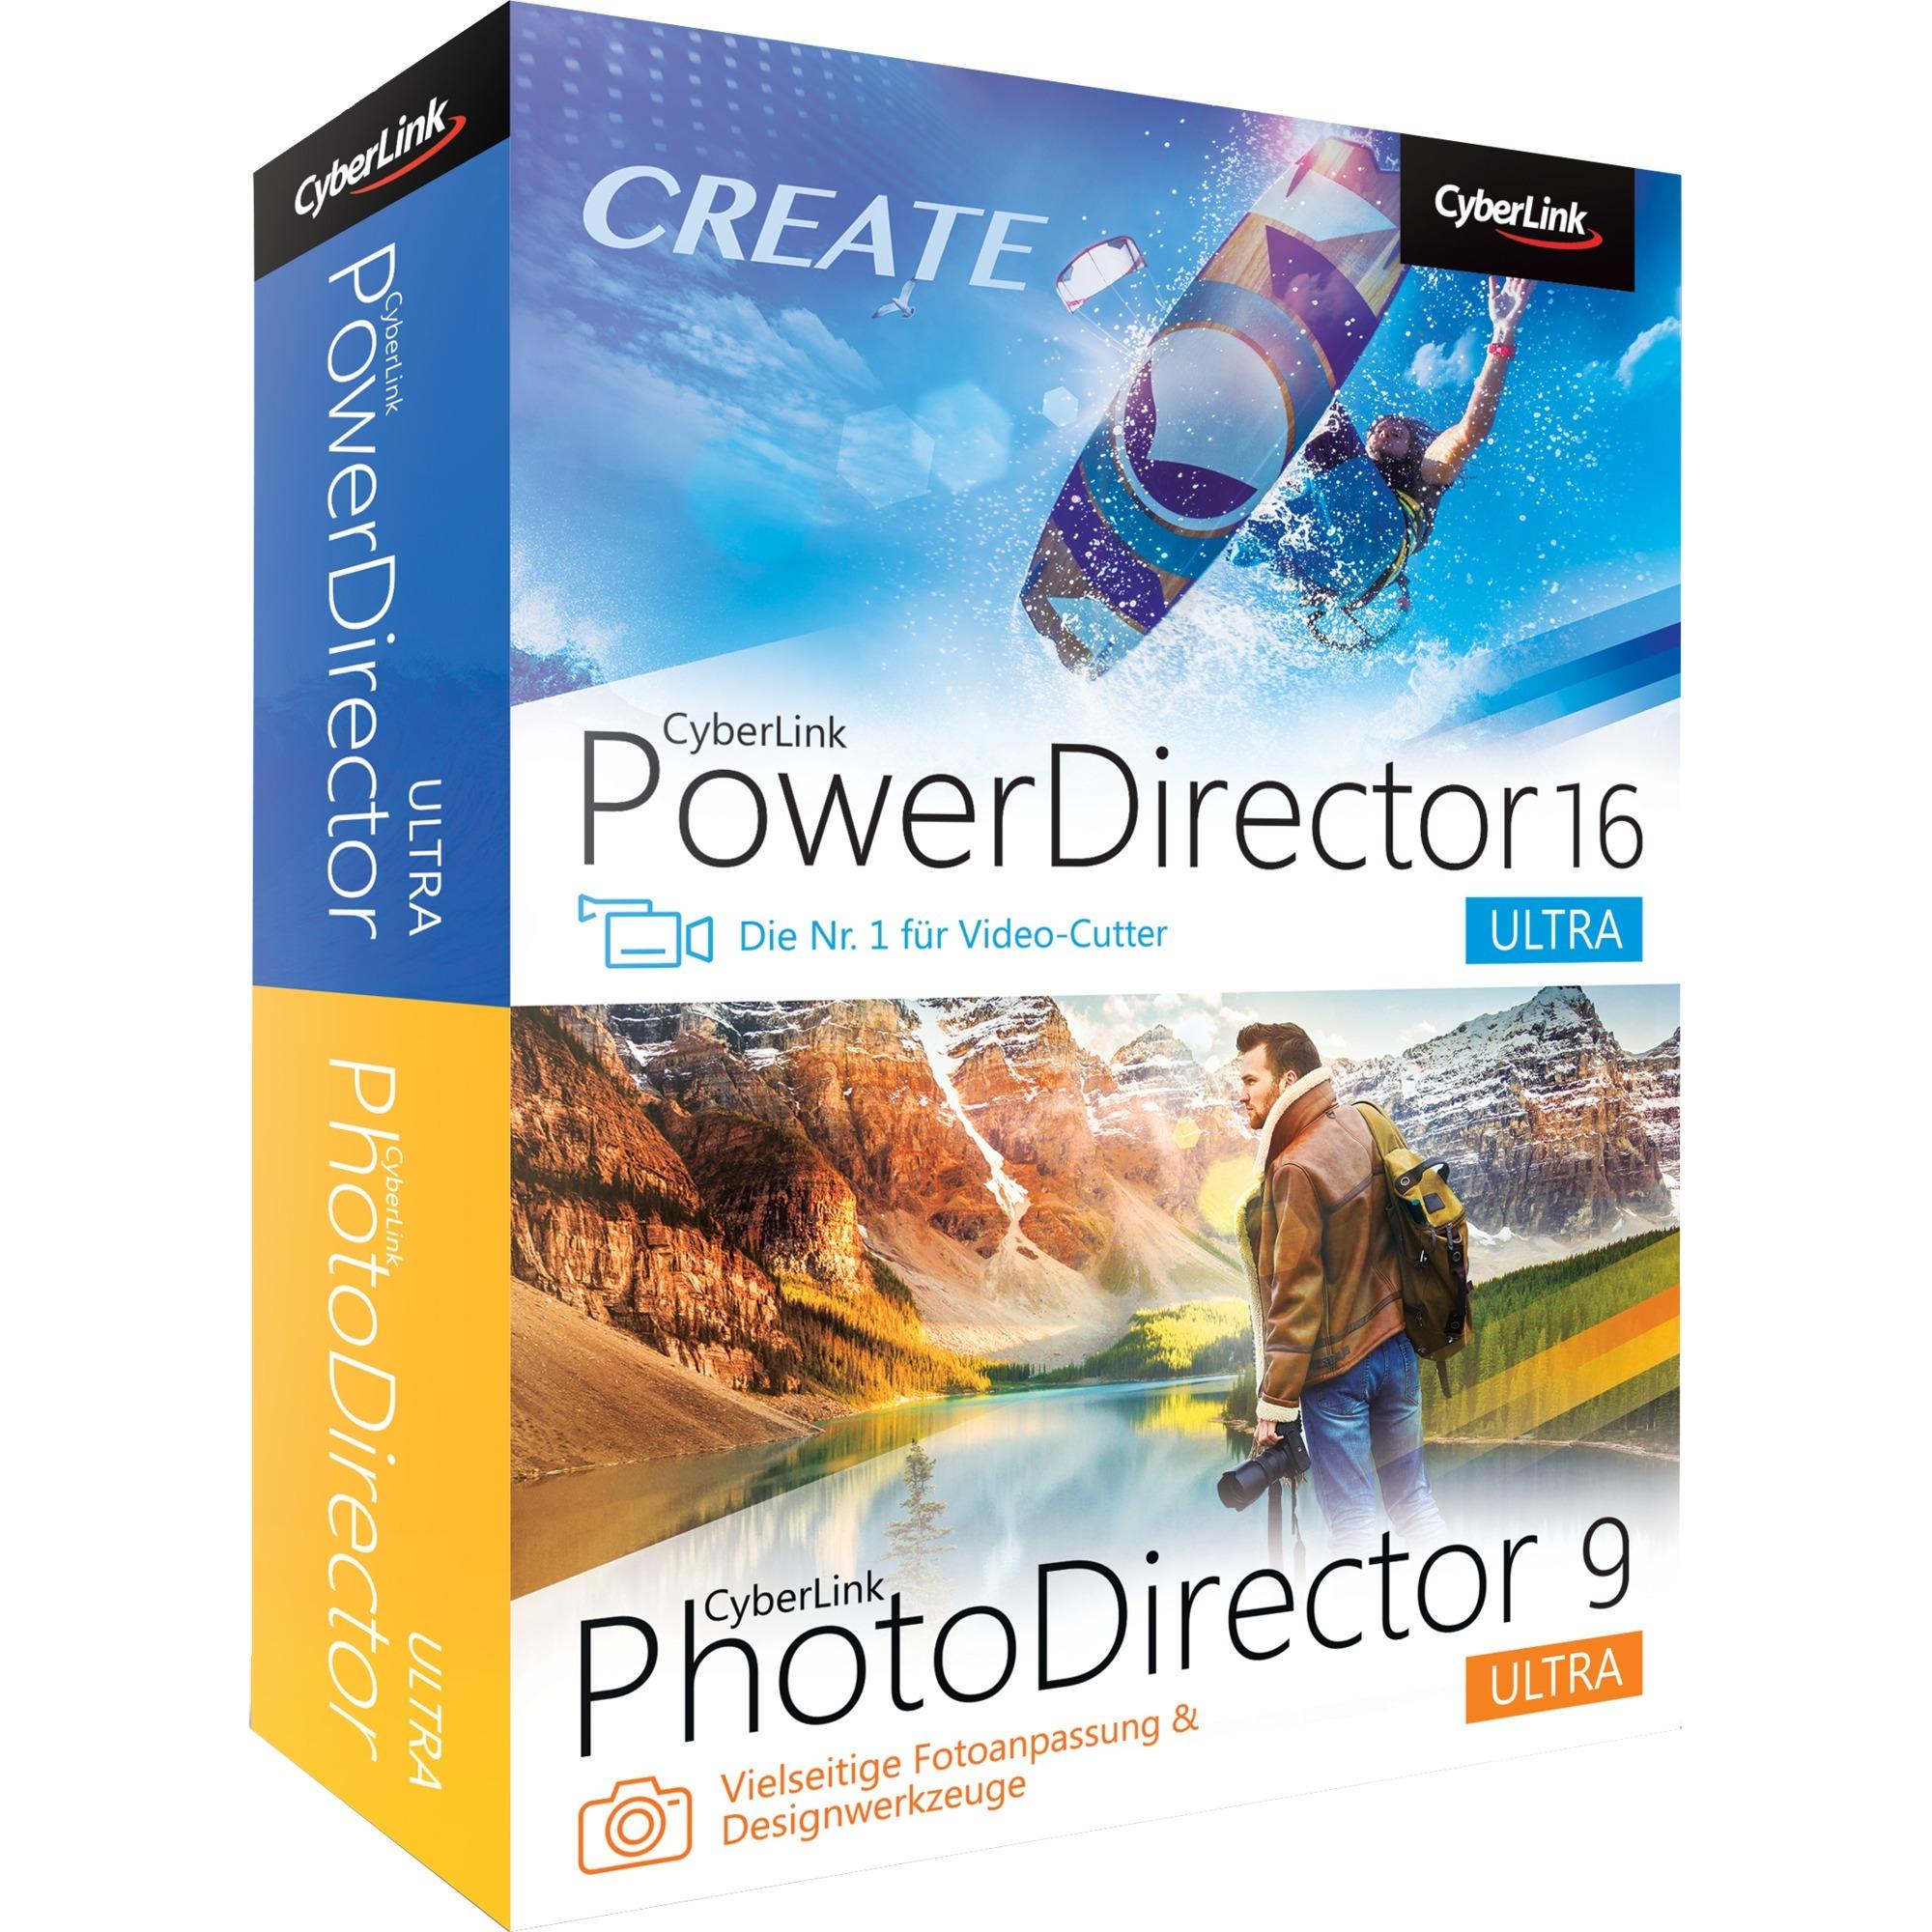 PowerDirector 16 Ultra & PhotoDirector 9 Ultra